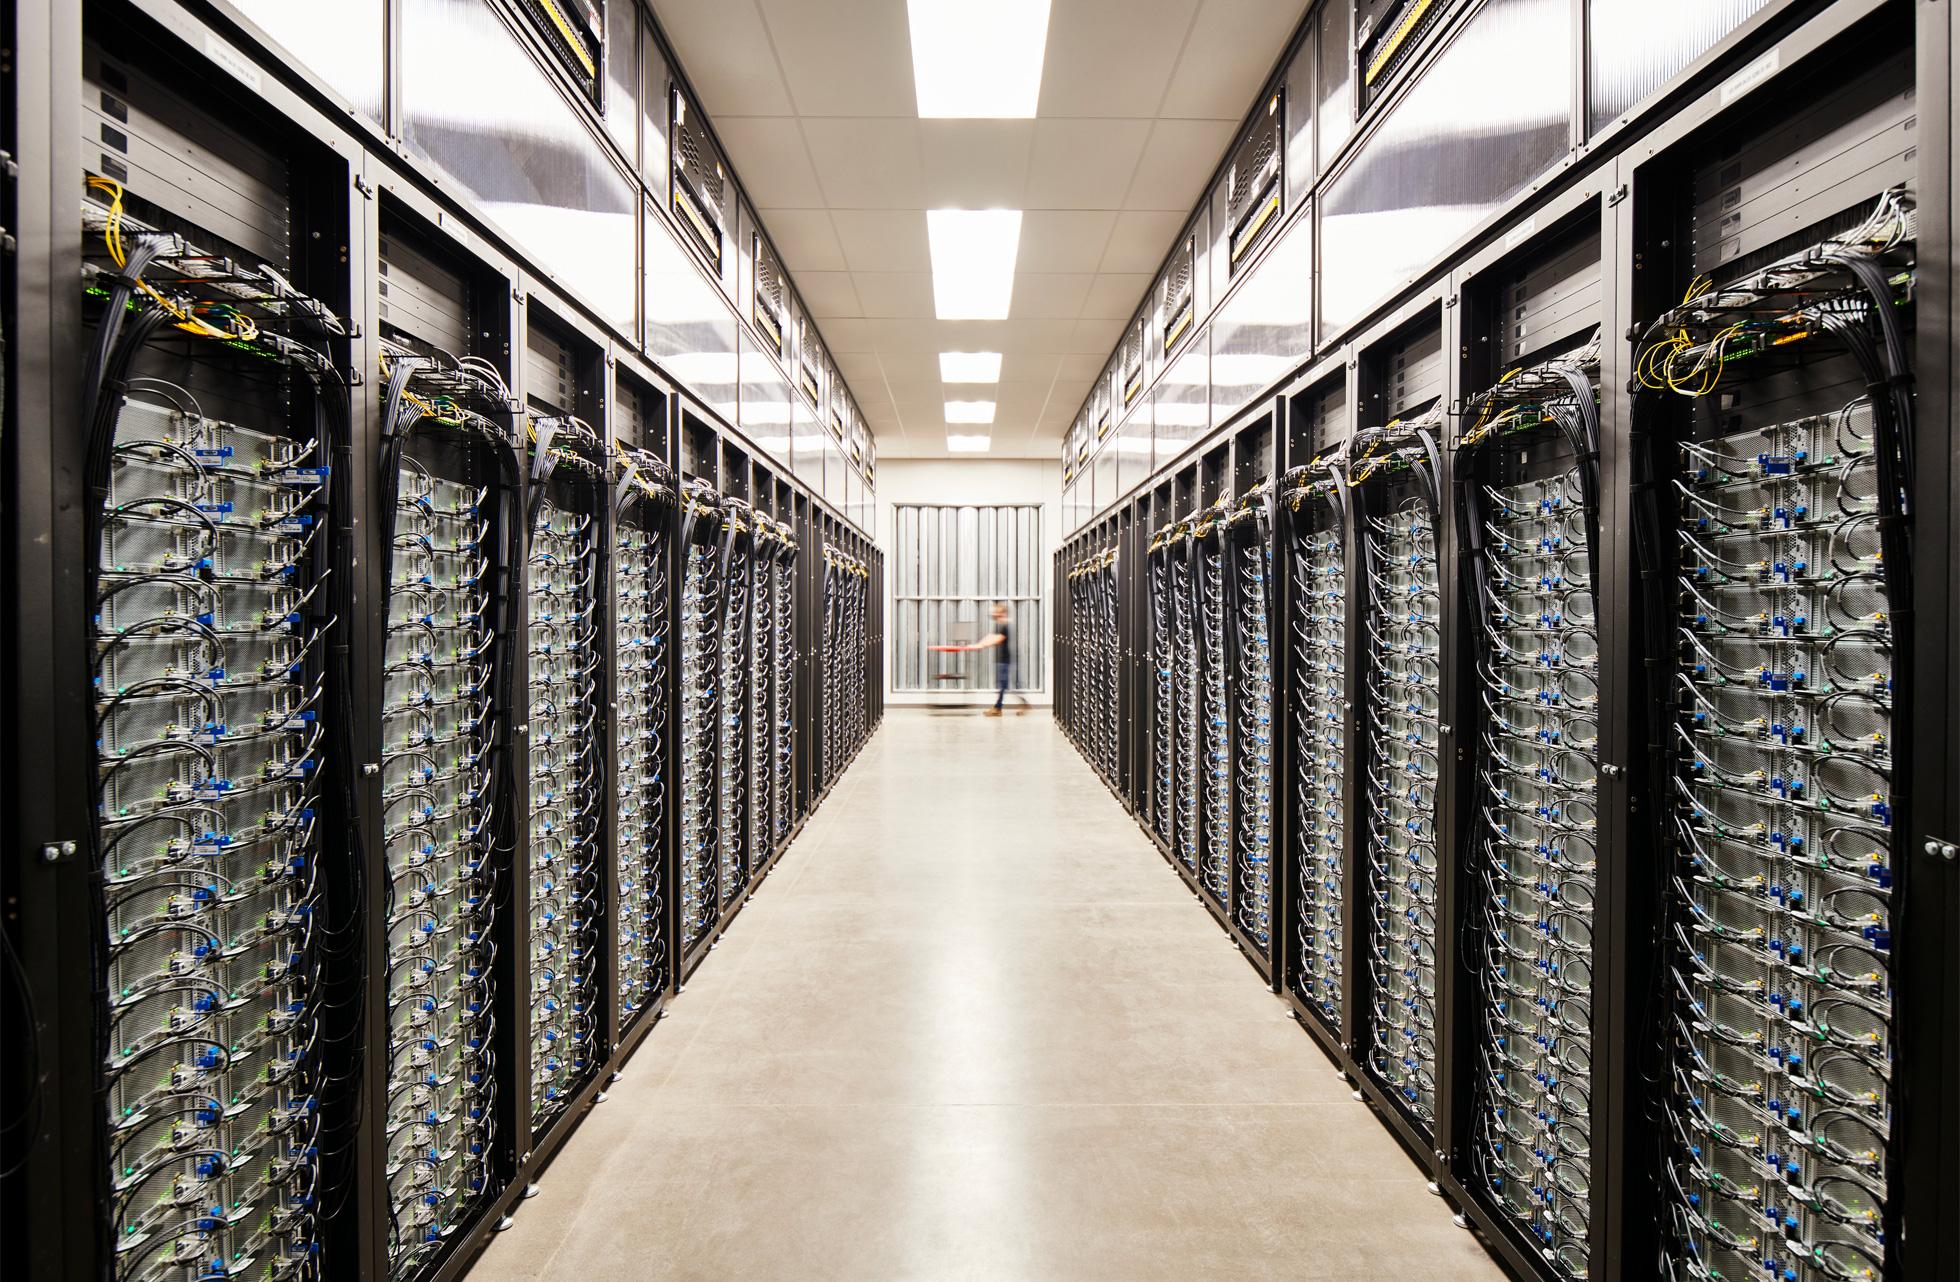 Centro de datos de Apple lleno de servidores, en Reno